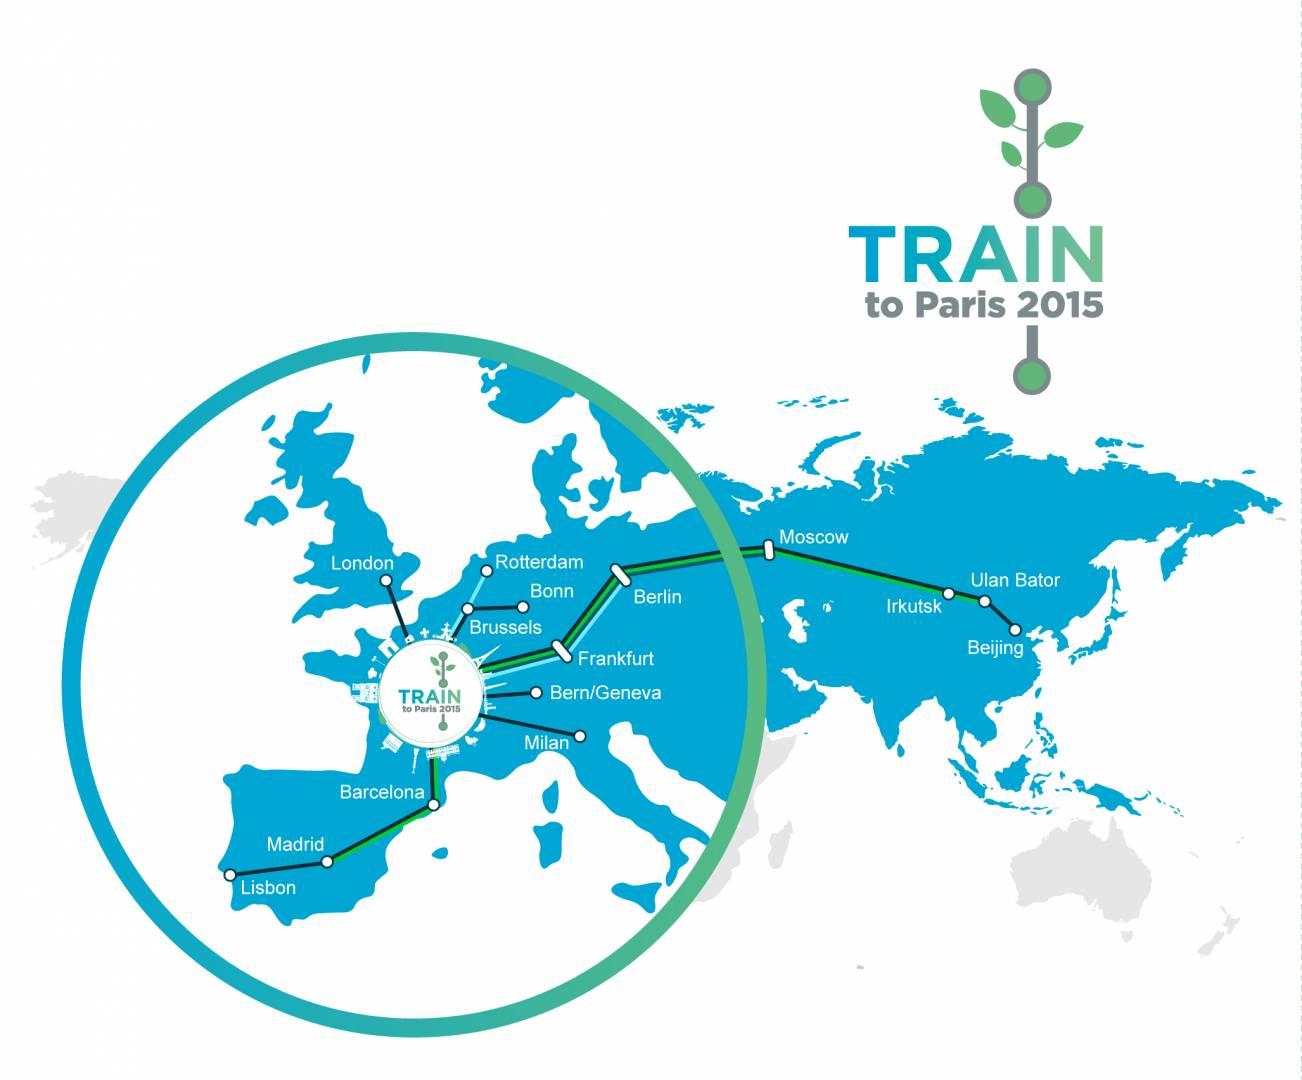 La UIC lanza su campaña Train to Paris para concienciar sobre las ventajas ambientales del uso del ferrocarril. Foto: UIC.